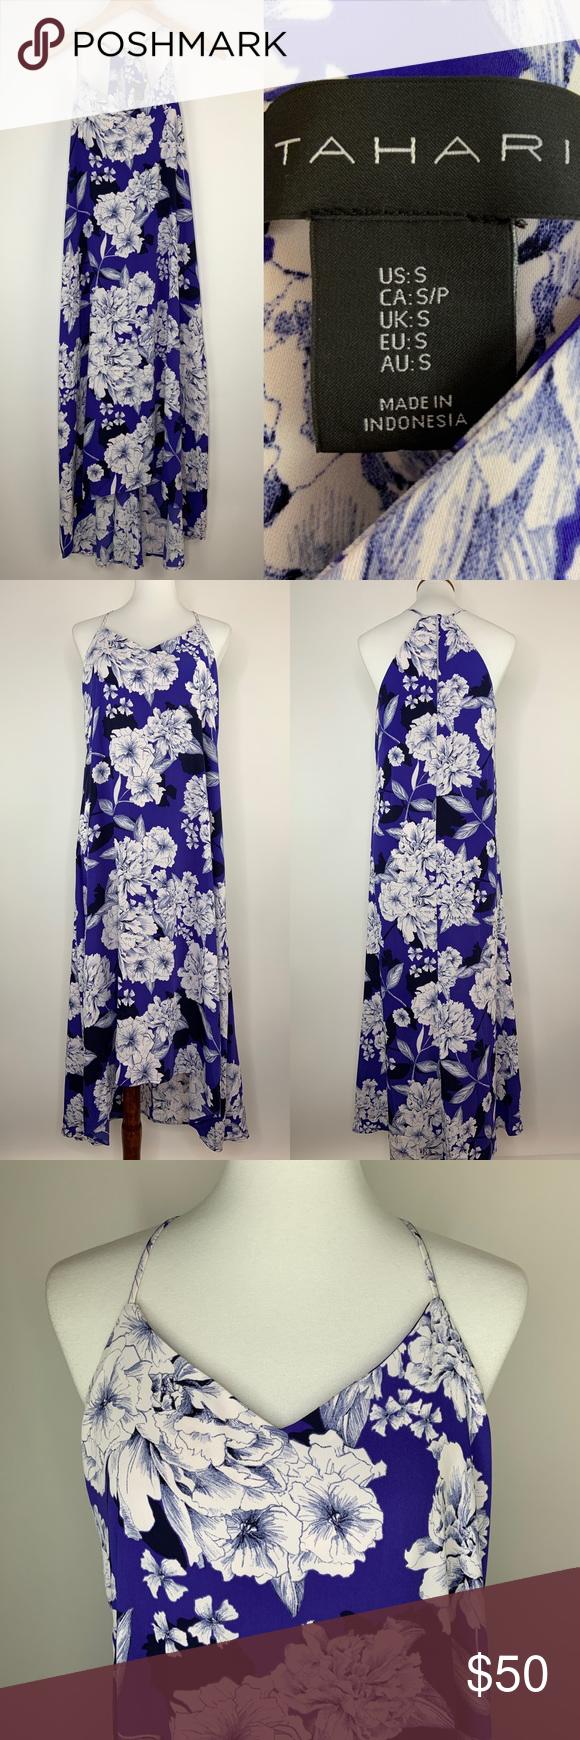 Tahari Maxi Dress Size Small Purple Racerback Flowy Maxi Dress Maxi Dress Clothes Design [ 1740 x 580 Pixel ]